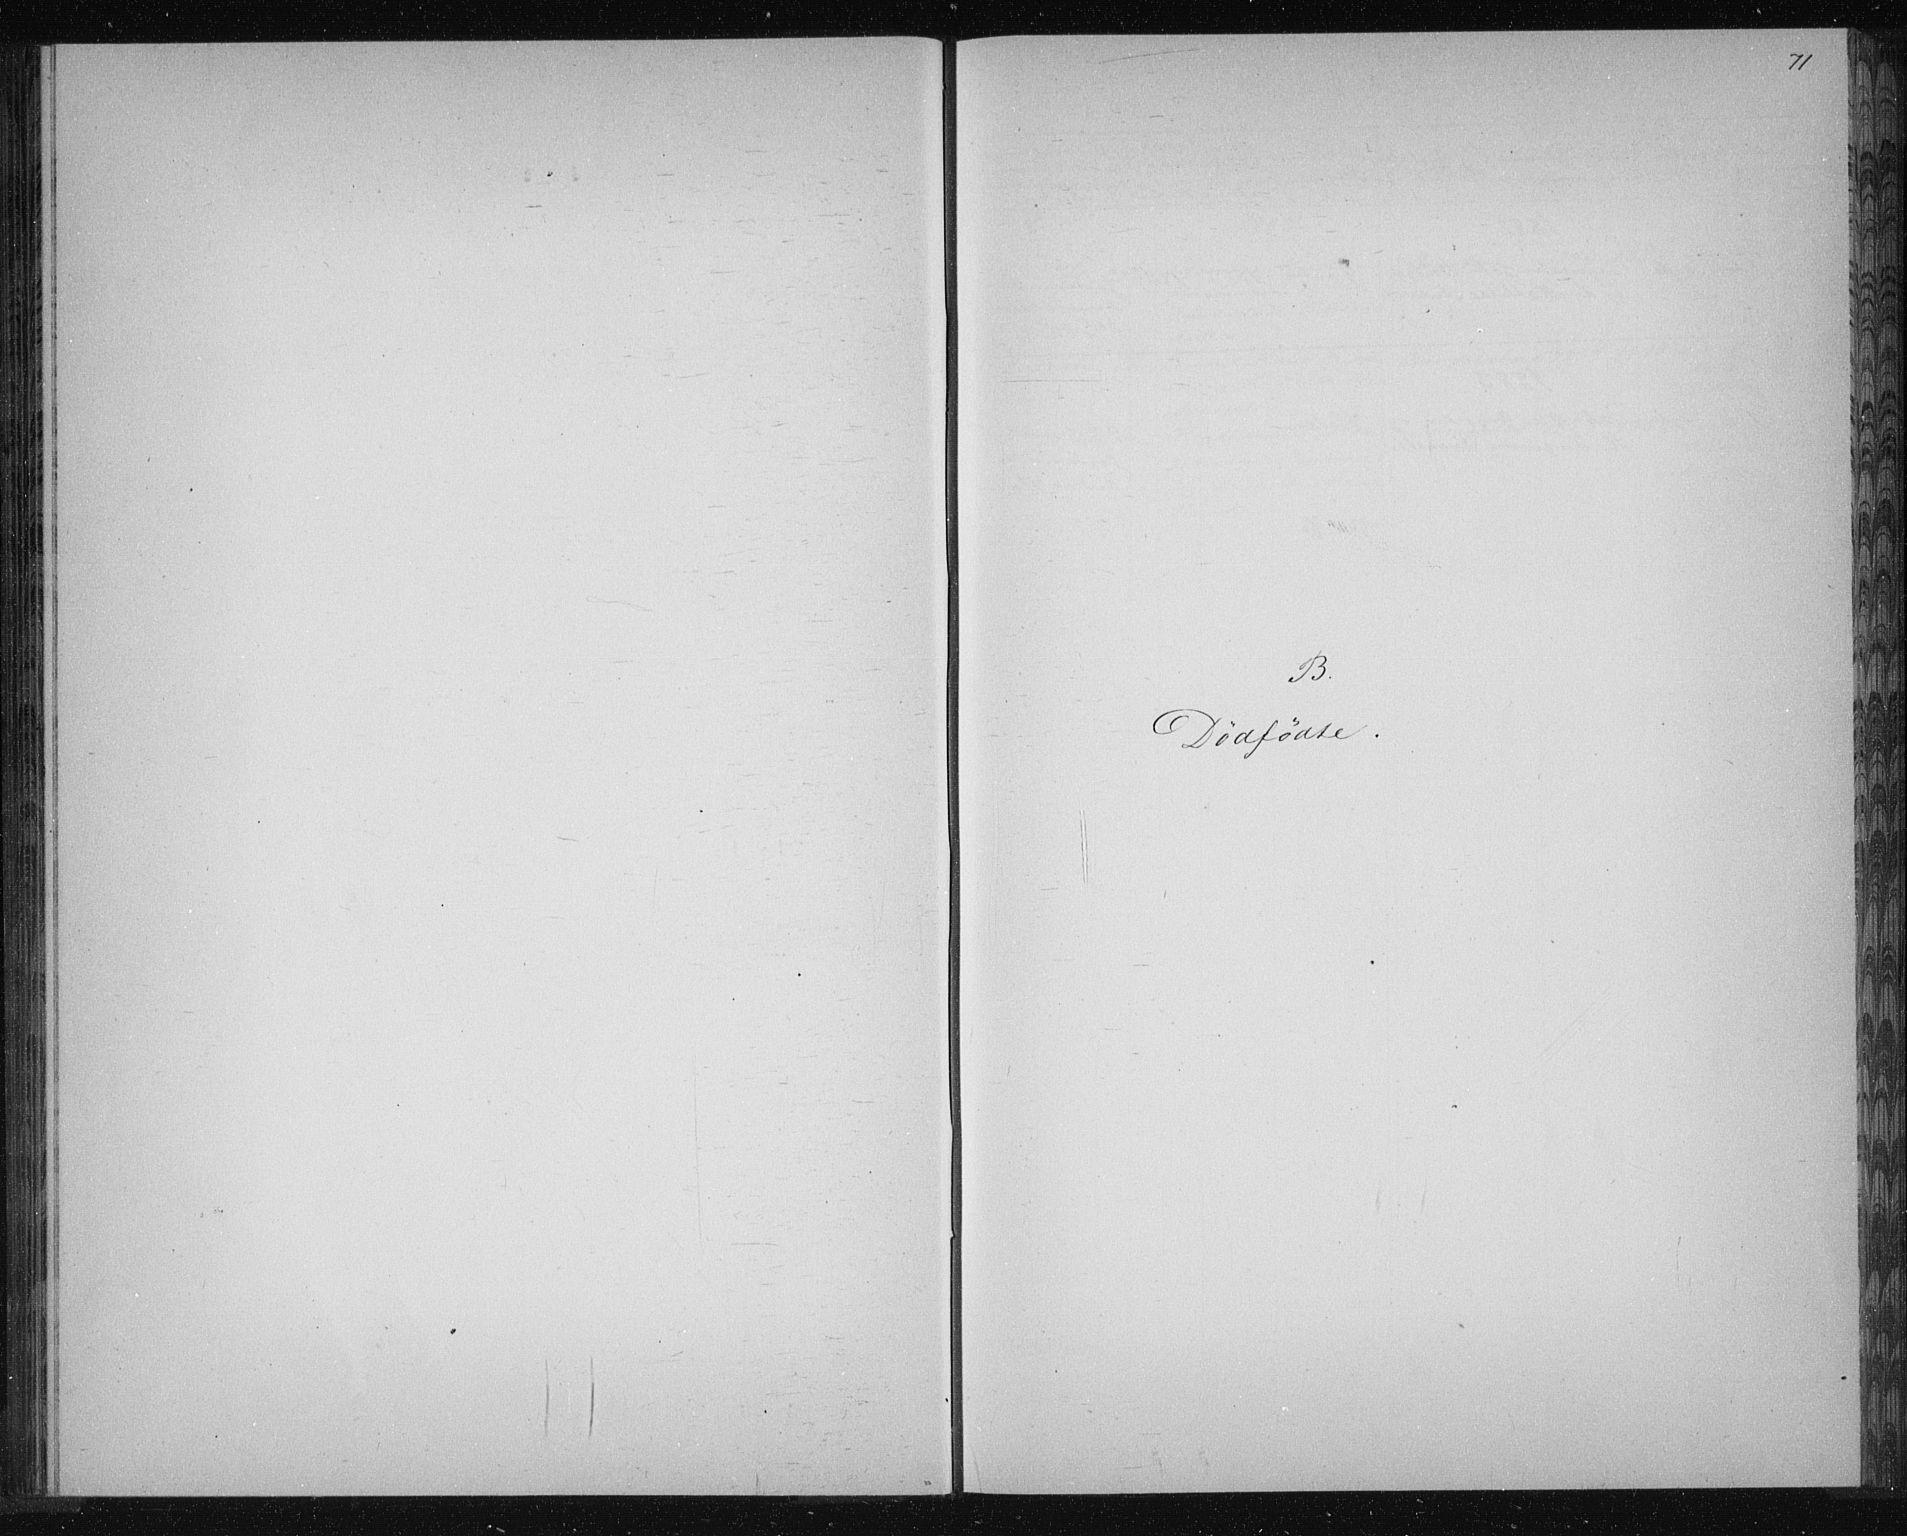 SAKO, Solum kirkebøker, G/Ga/L0006: Klokkerbok nr. I 6, 1882-1883, s. 71